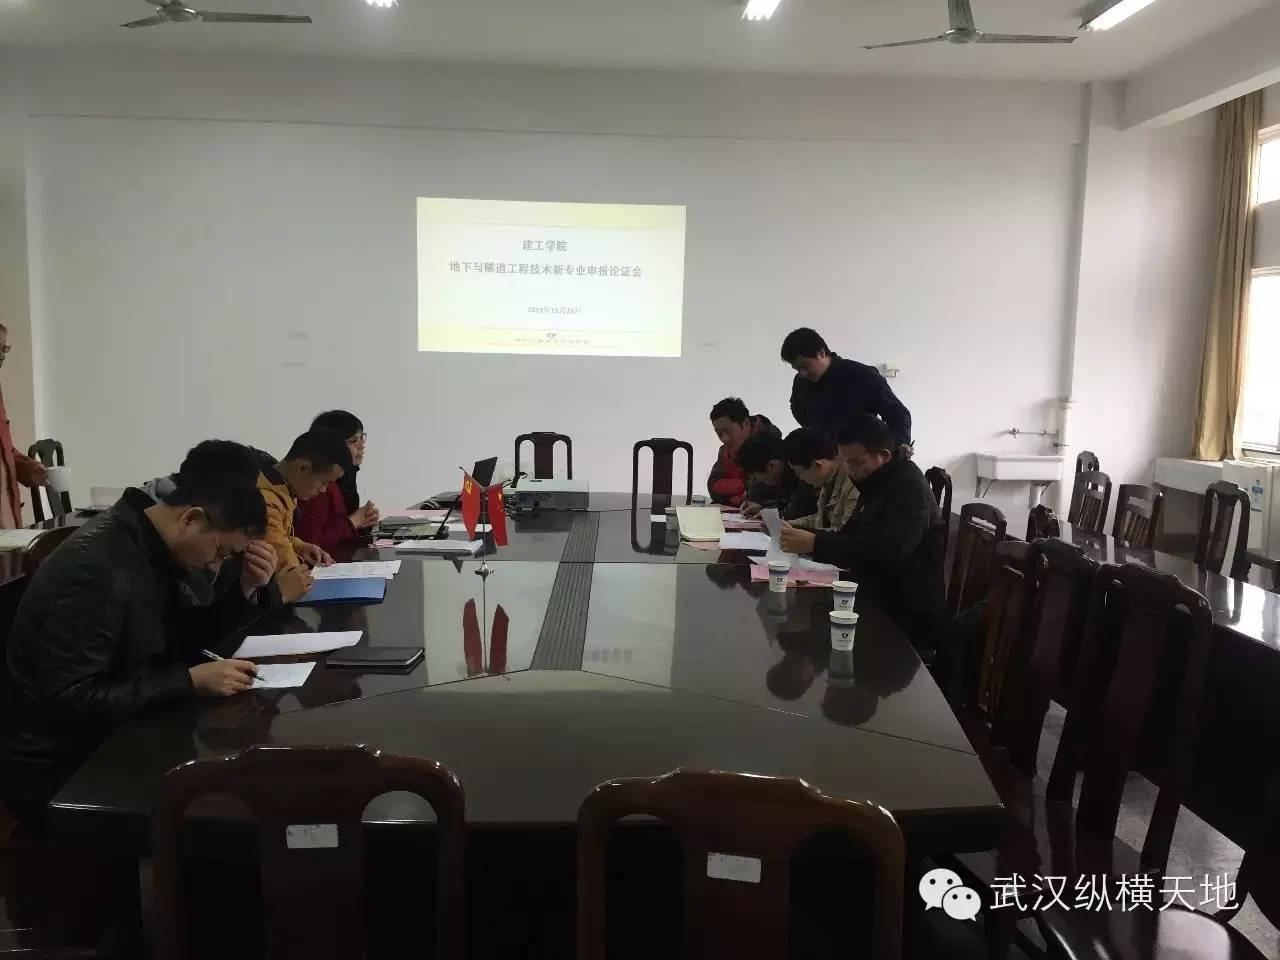 武汉纵横天地轨道交通部皮星经理受邀参加建筑工程学院地下与隧道工程技术专业论证会议会议